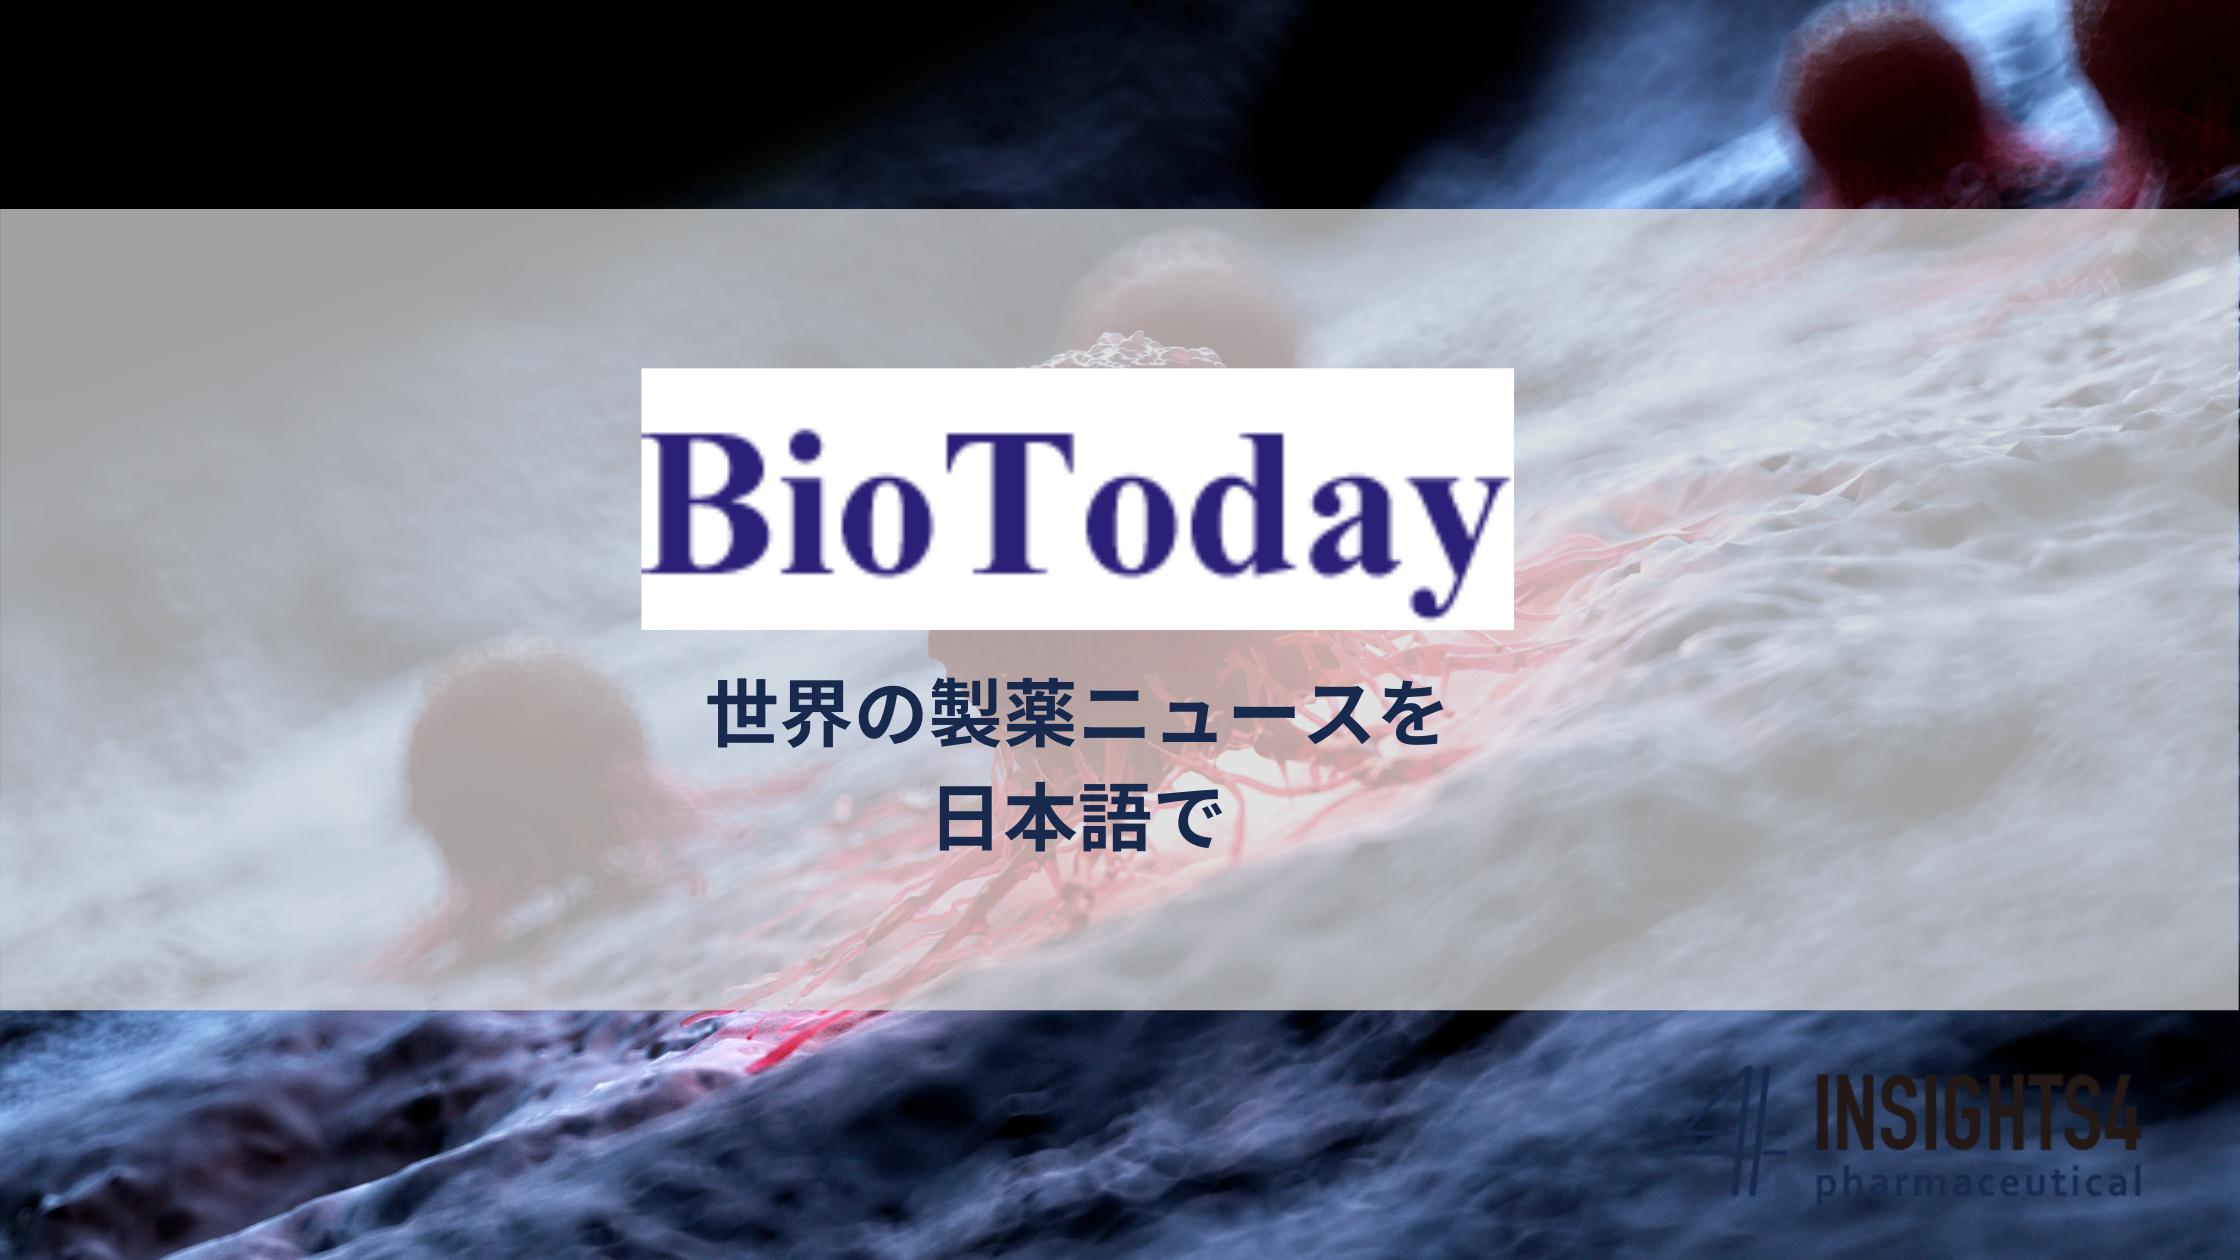 白金剤抵抗性卵巣癌再発患者の無増悪生存がAstraZenecaのWee1阻害剤で改善